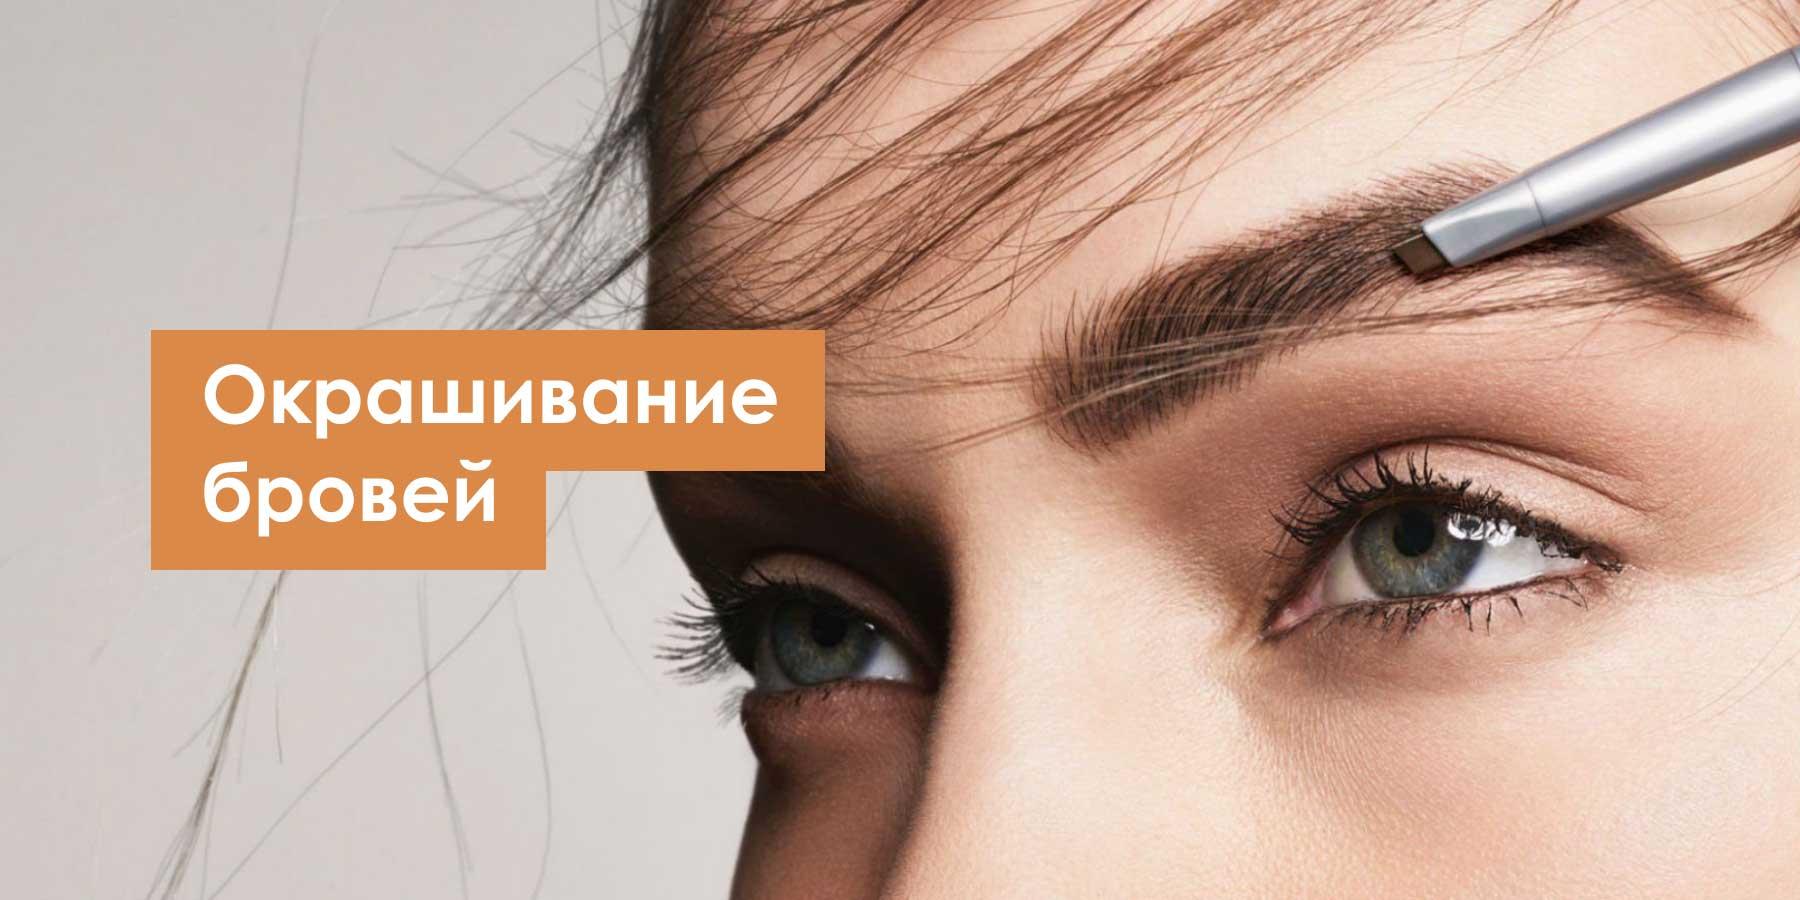 6 преимуществ покраски бровей хной от бровистов на Новослободской или Мендеелеевской